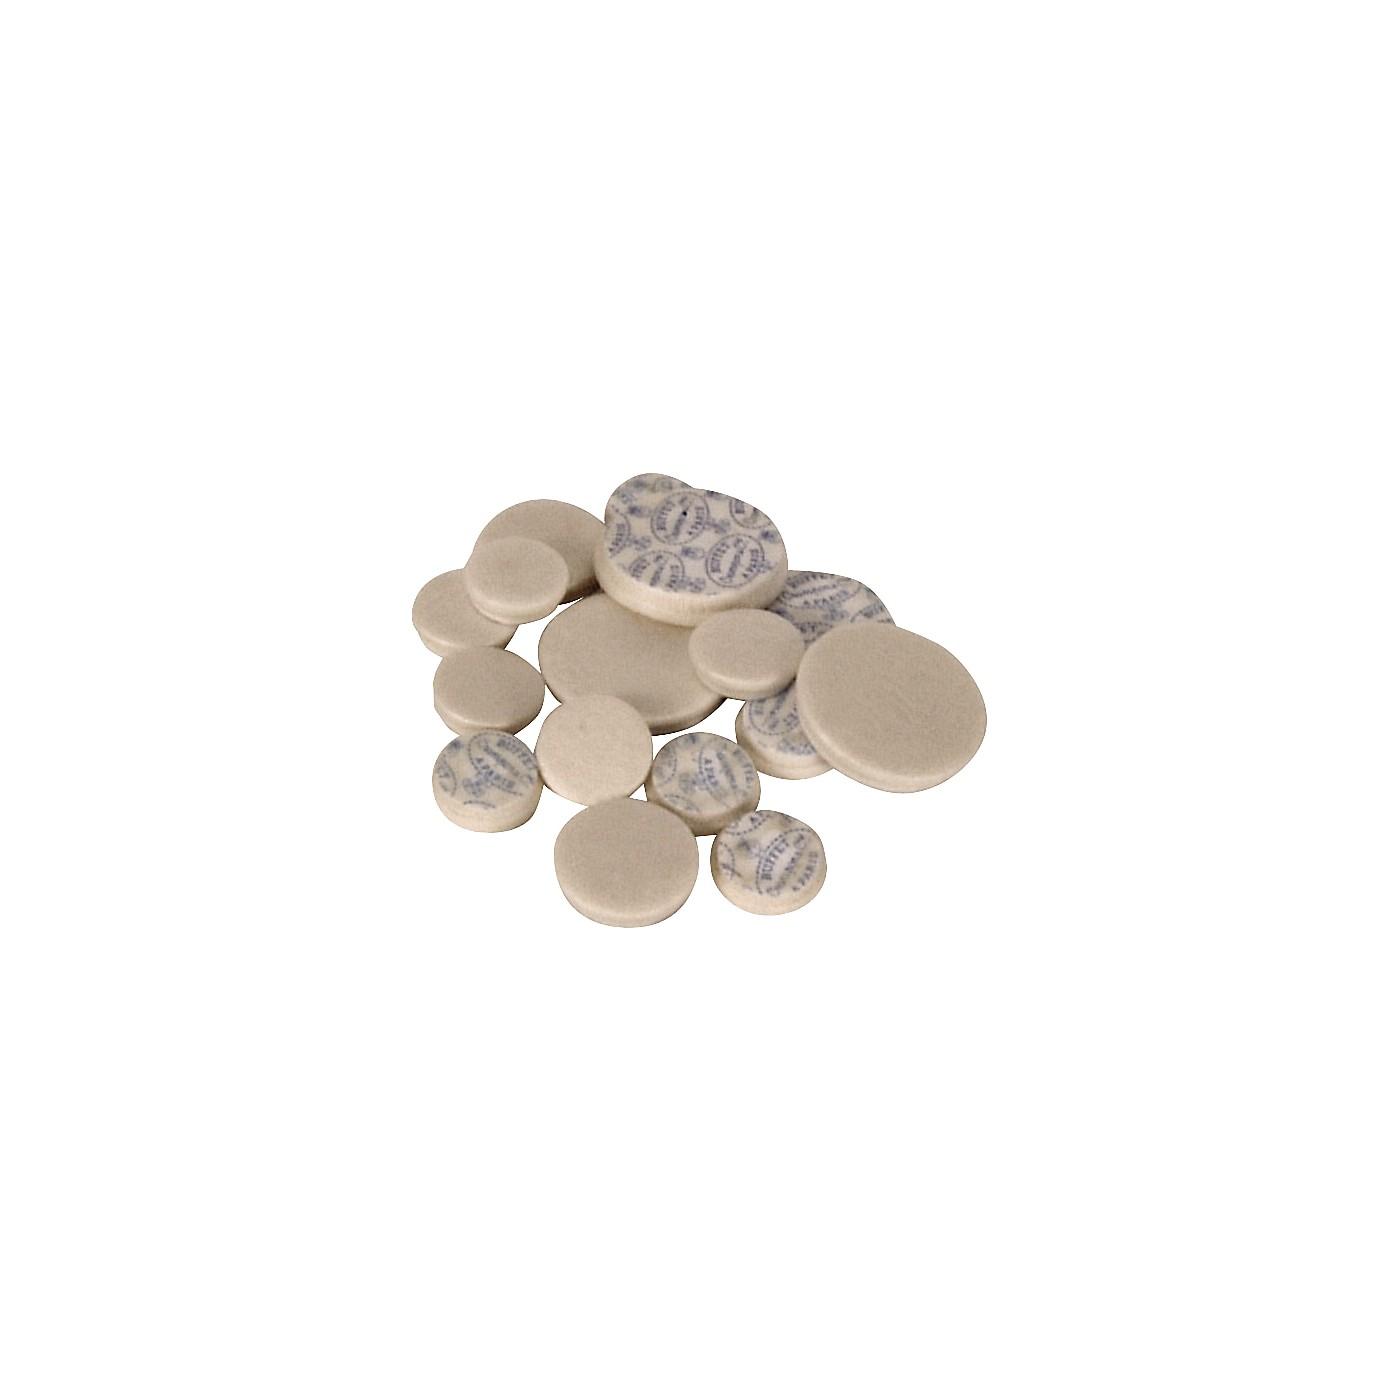 Buffet Crampon R13 Pad Sets thumbnail